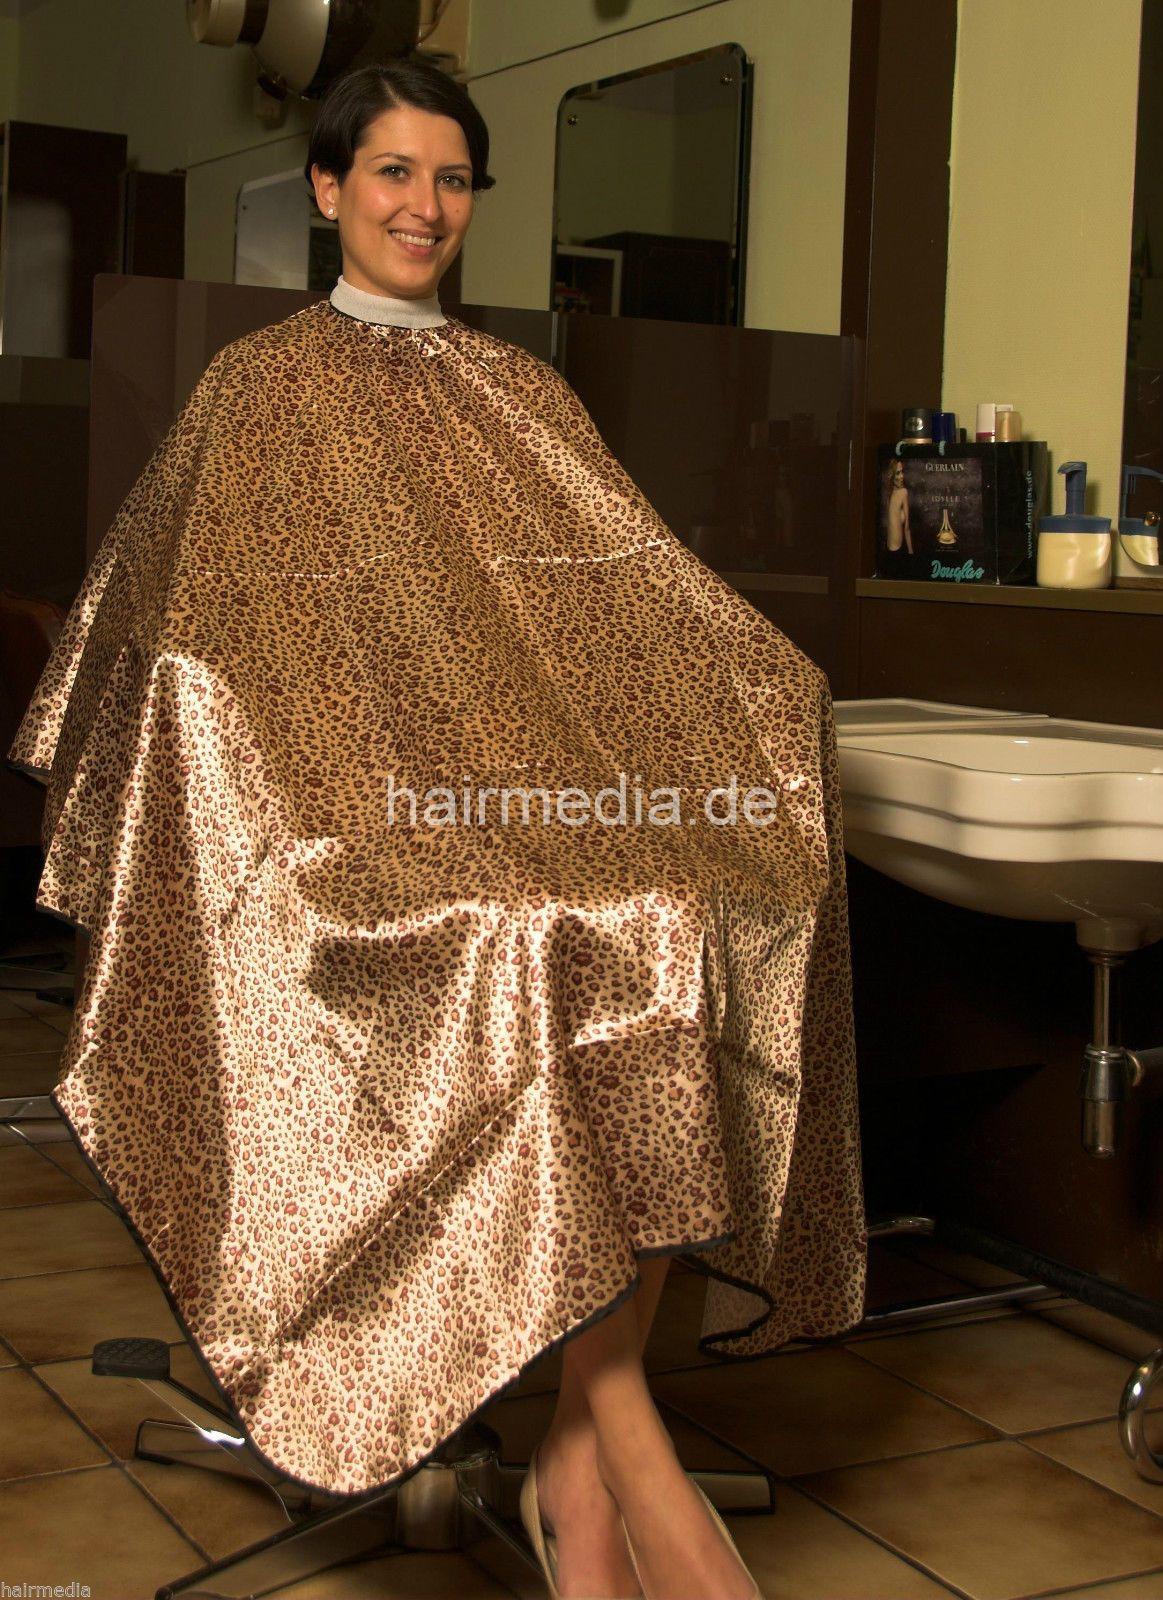 Haircuttingcape Friseurumhang Haarschneideumhang Leopard ...Friseurumhang